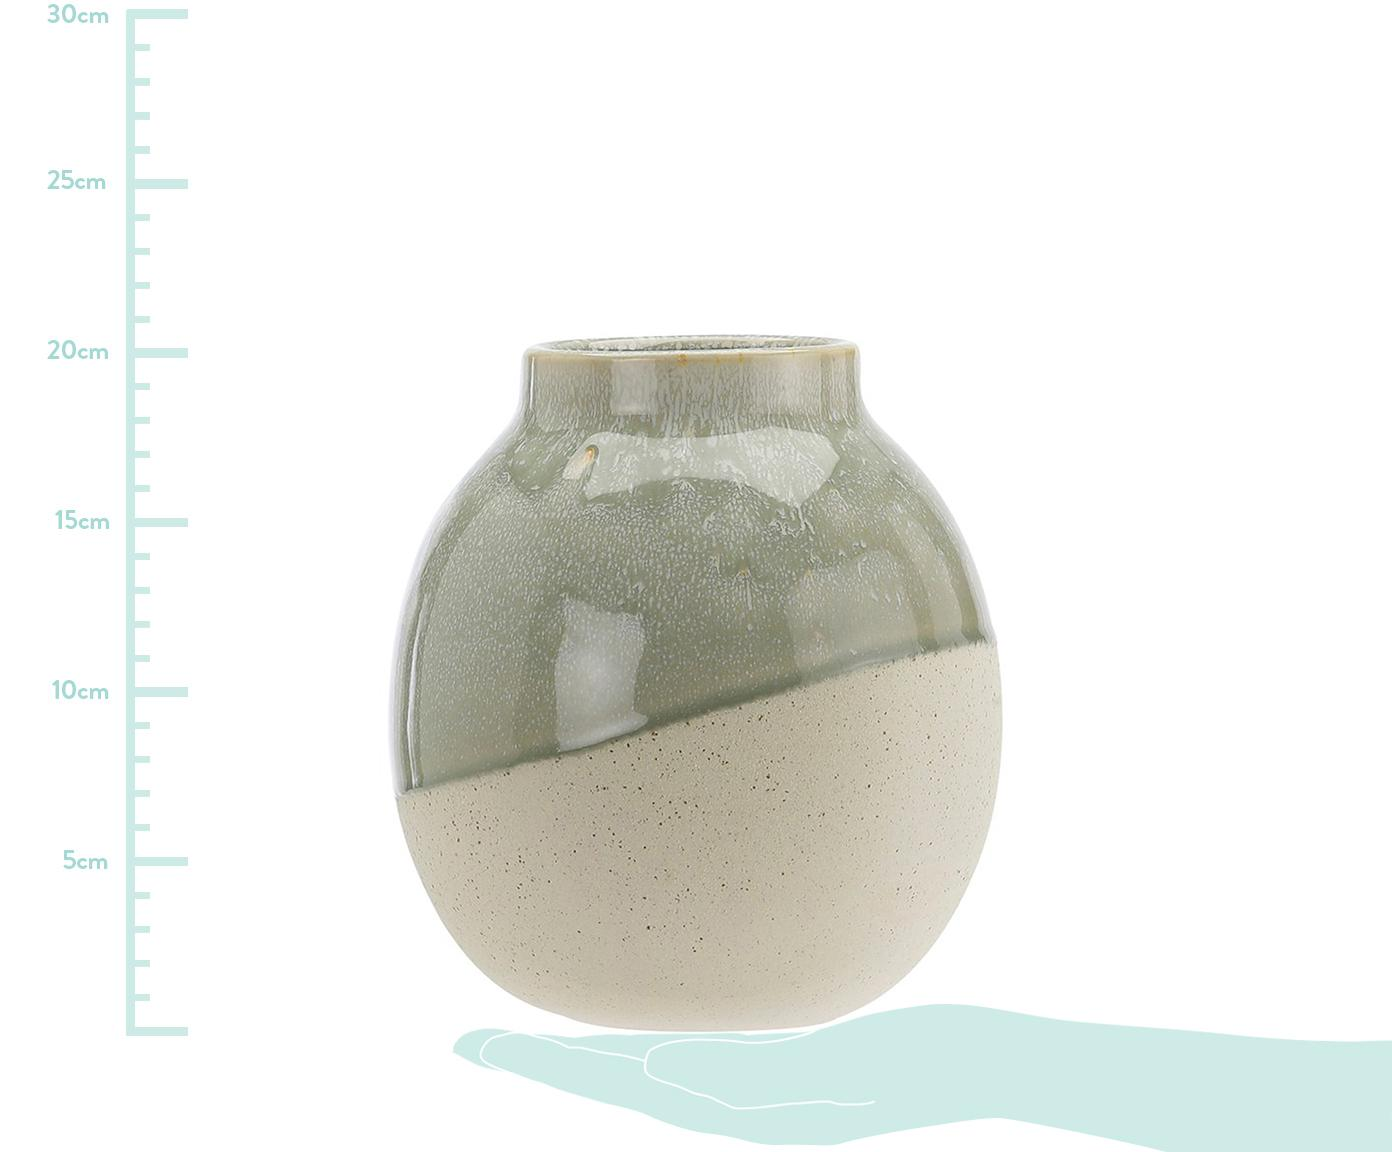 Vase Skraa aus Steingut, Steingut, Grün, Beige, Ø 18 x H 20 cm